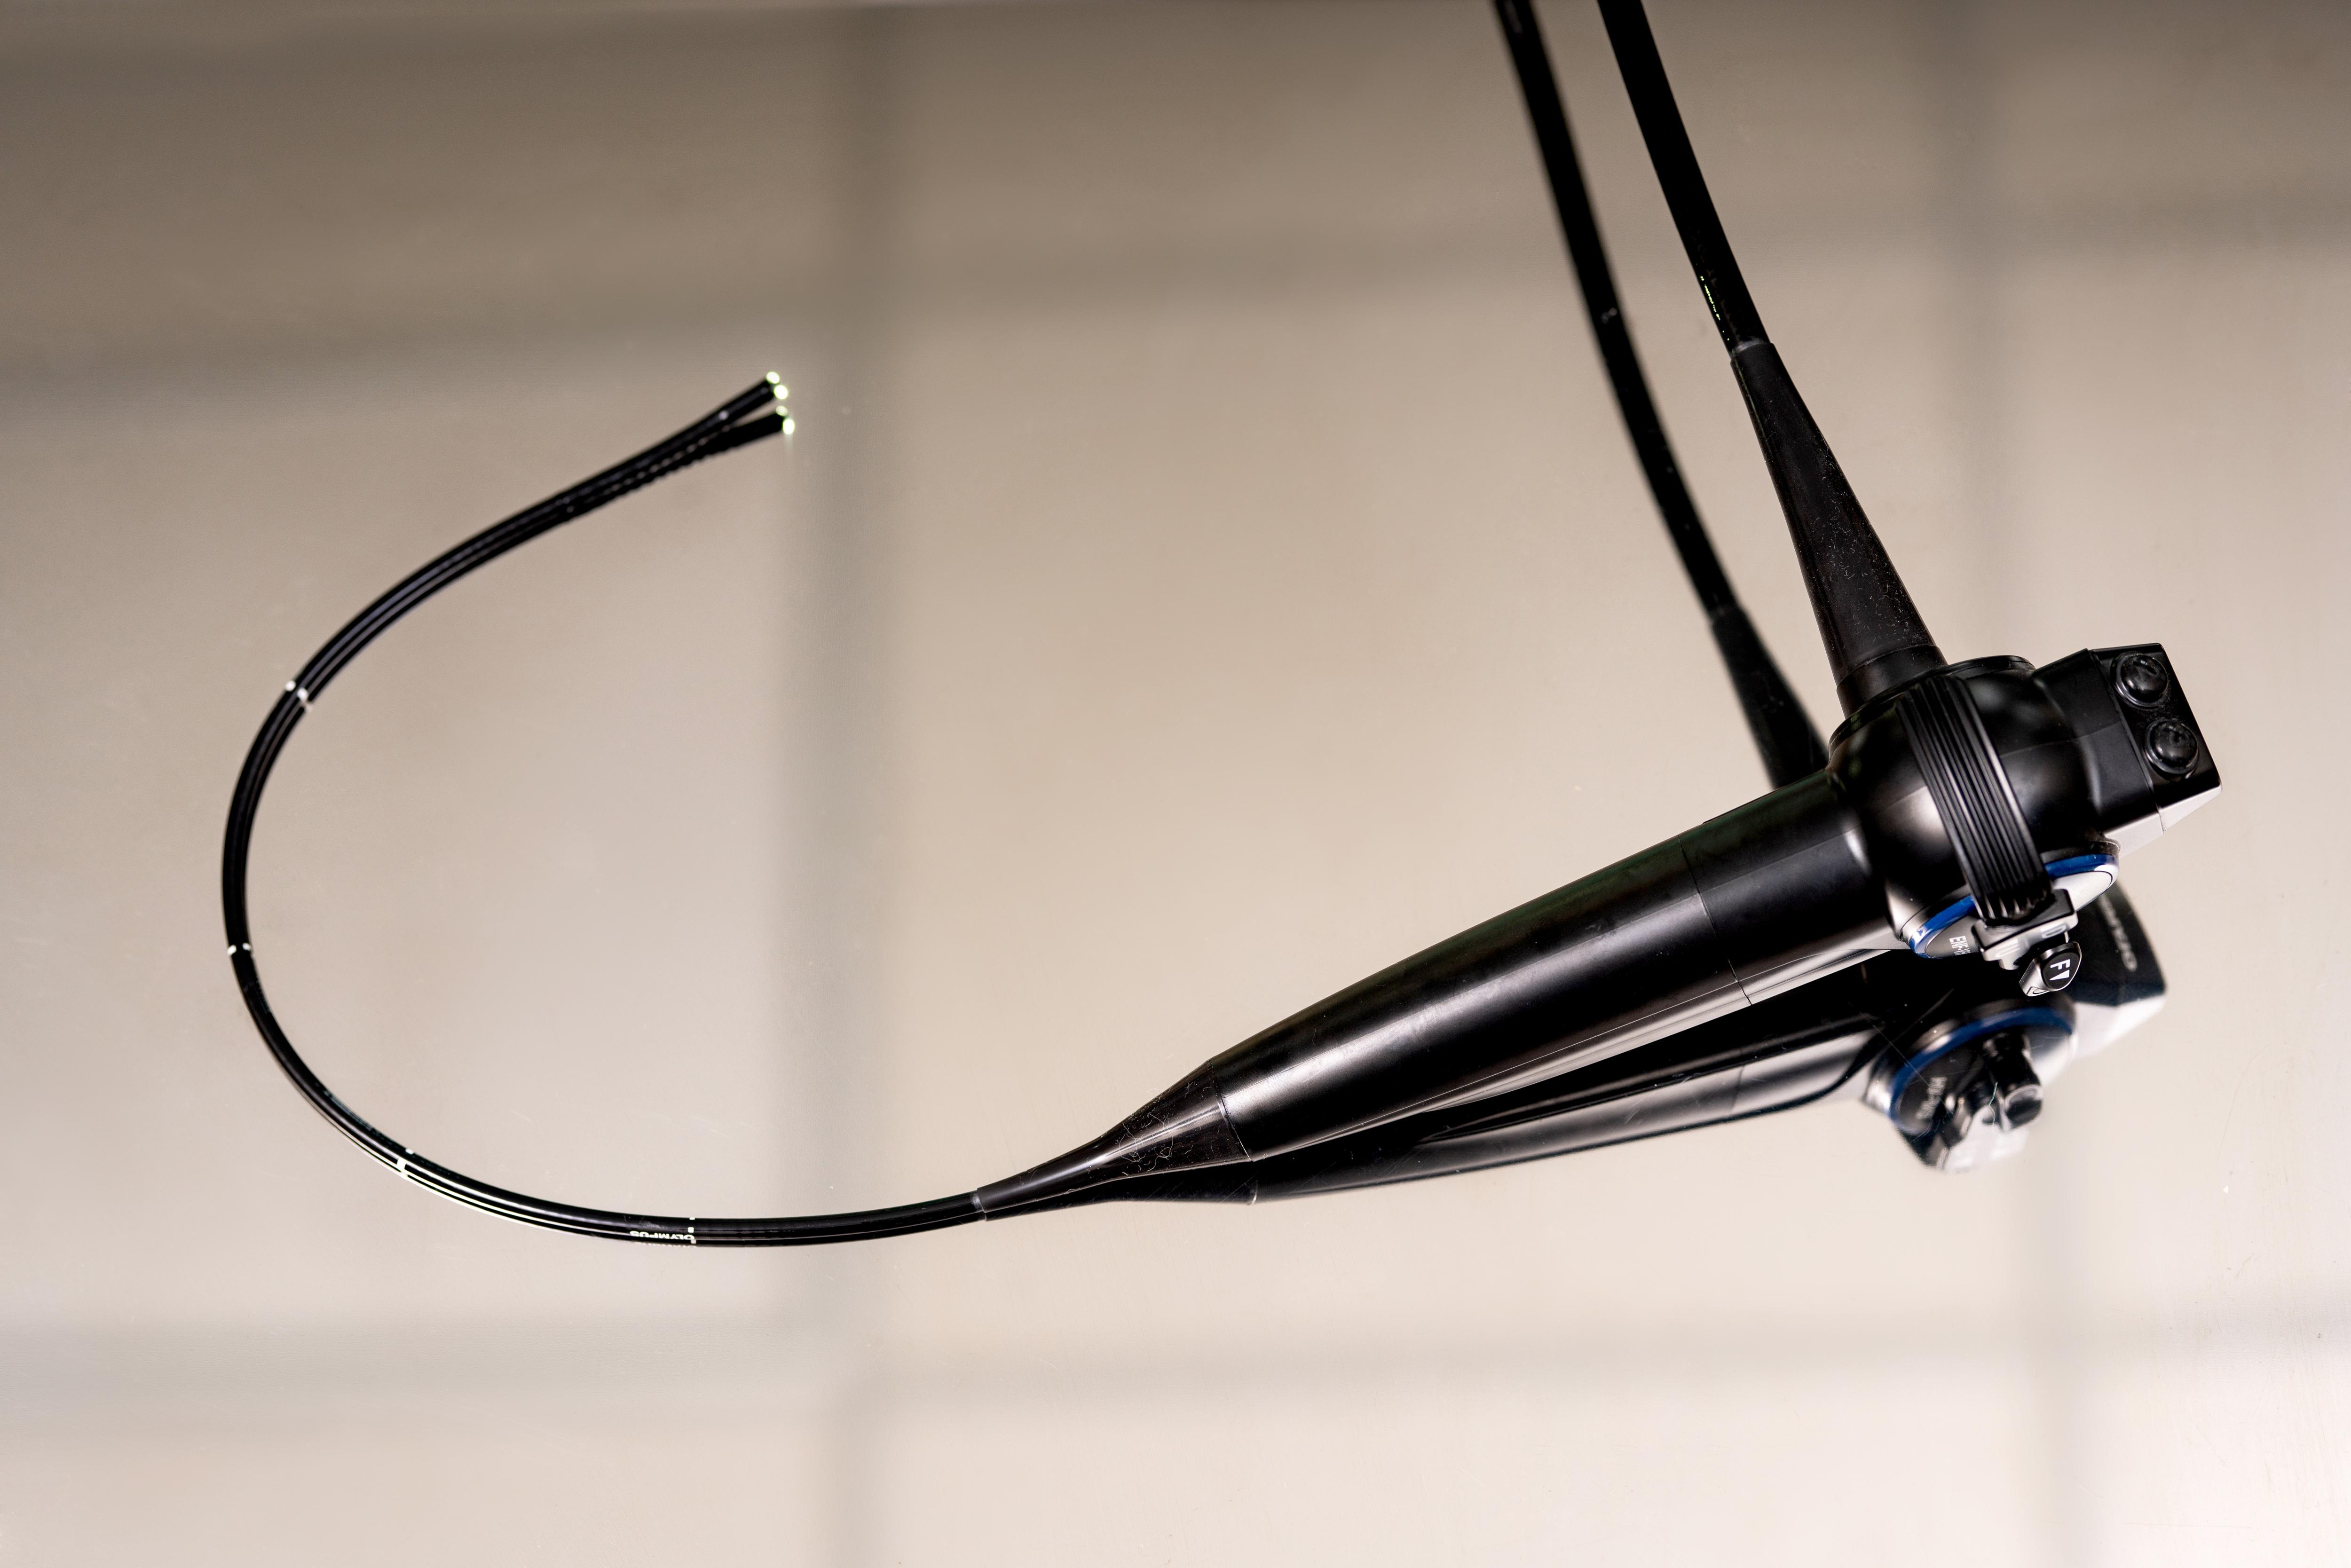 foniatria-fiberoszkop